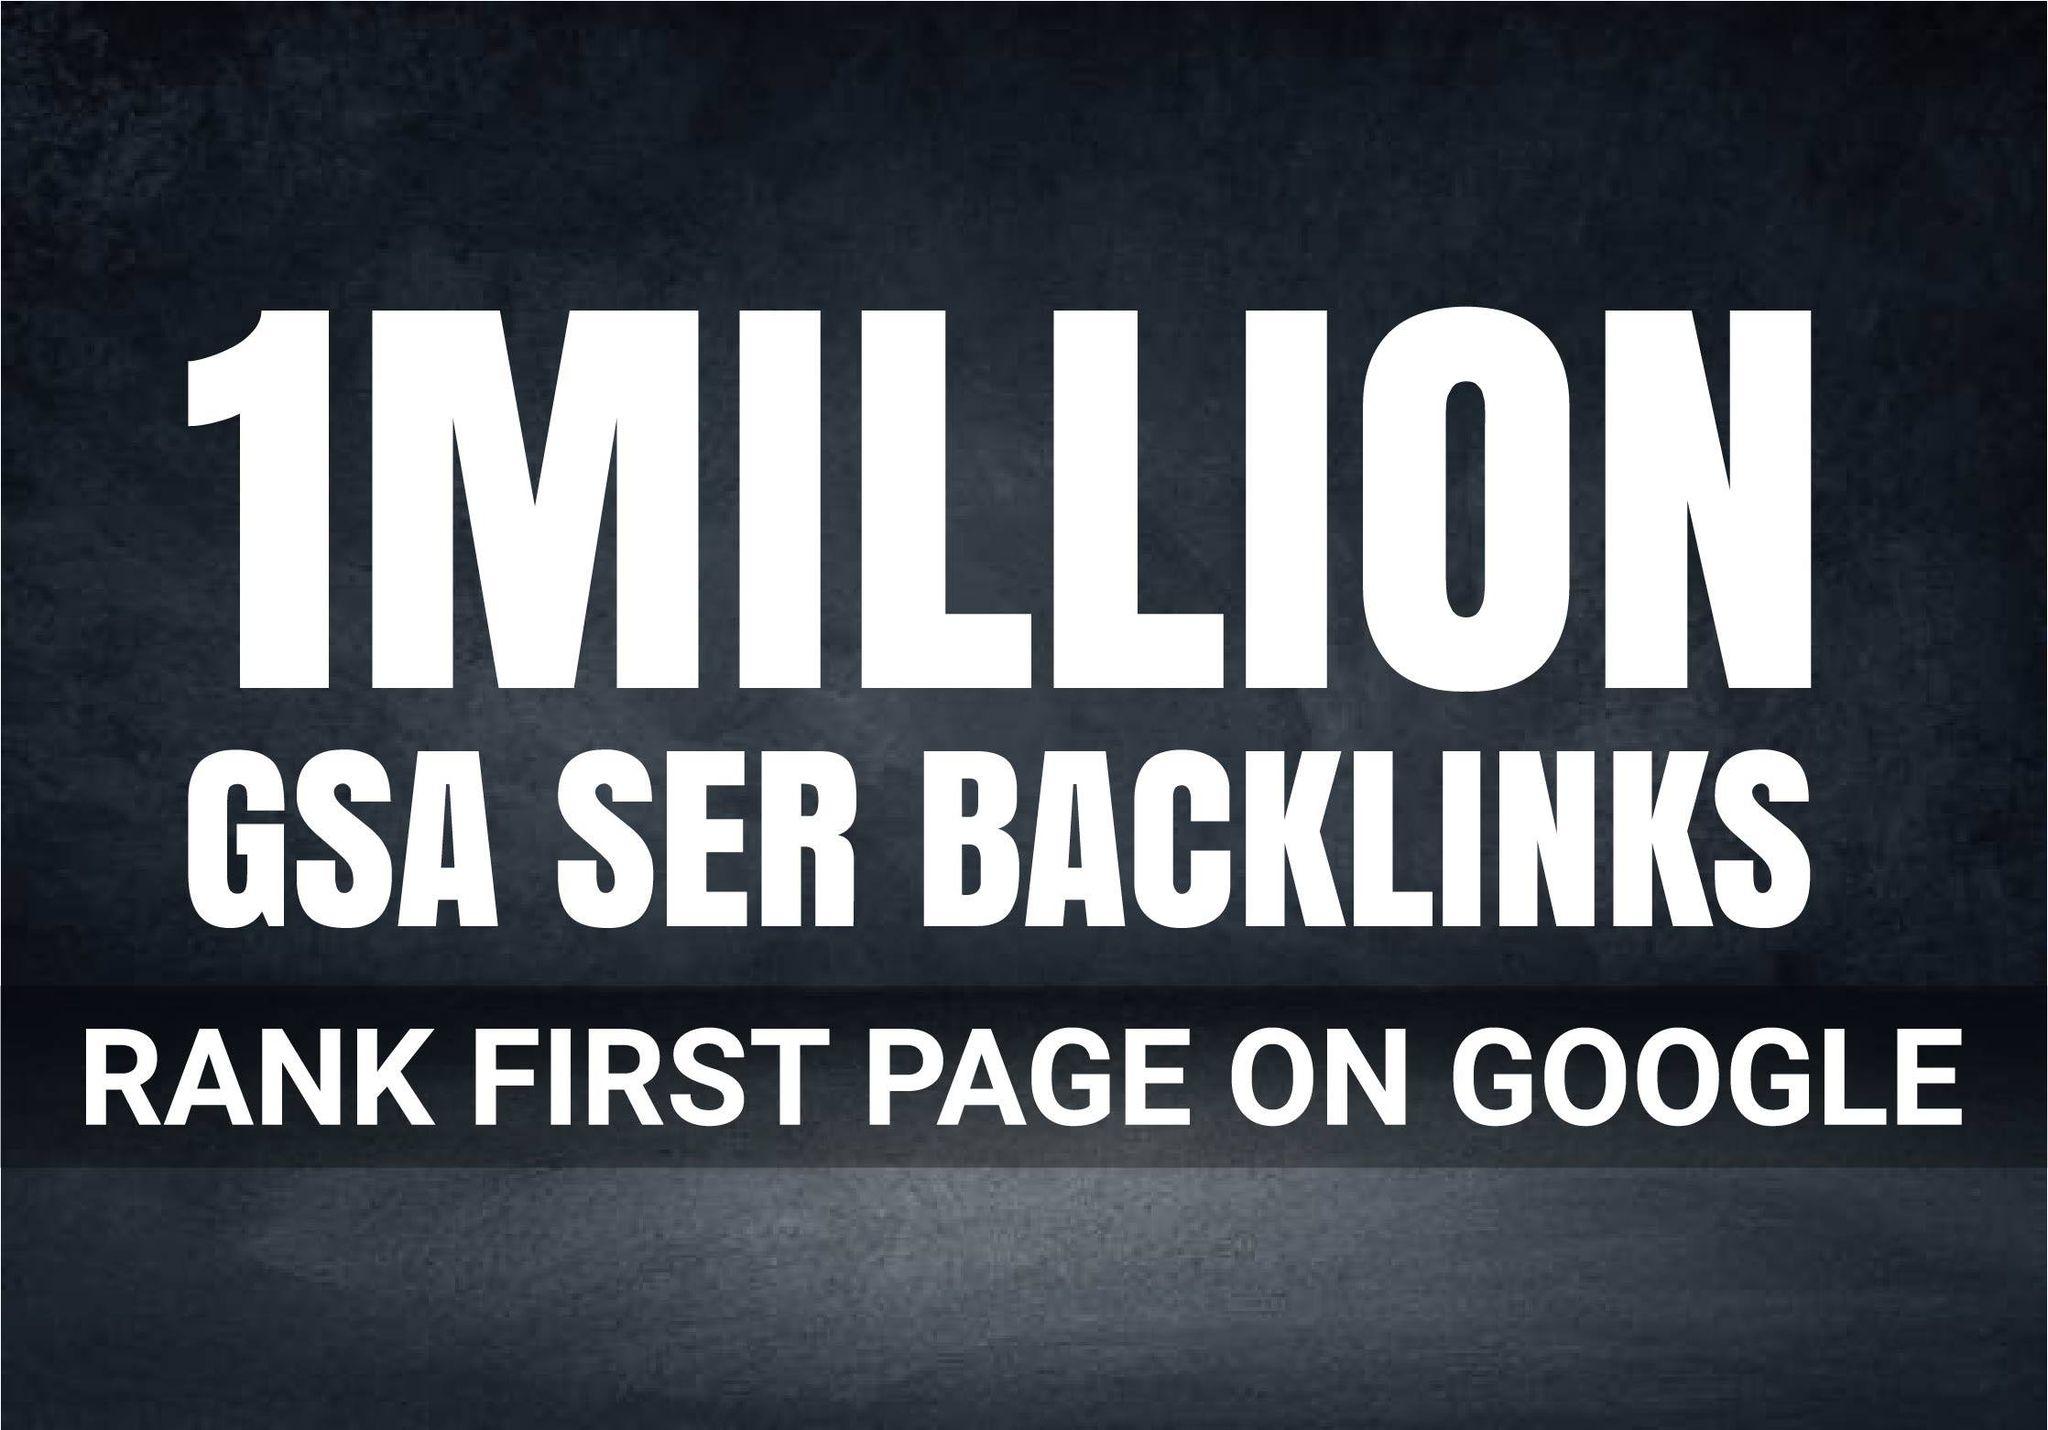 I will provide 1M GSA Ser Backlinks Verified Quality